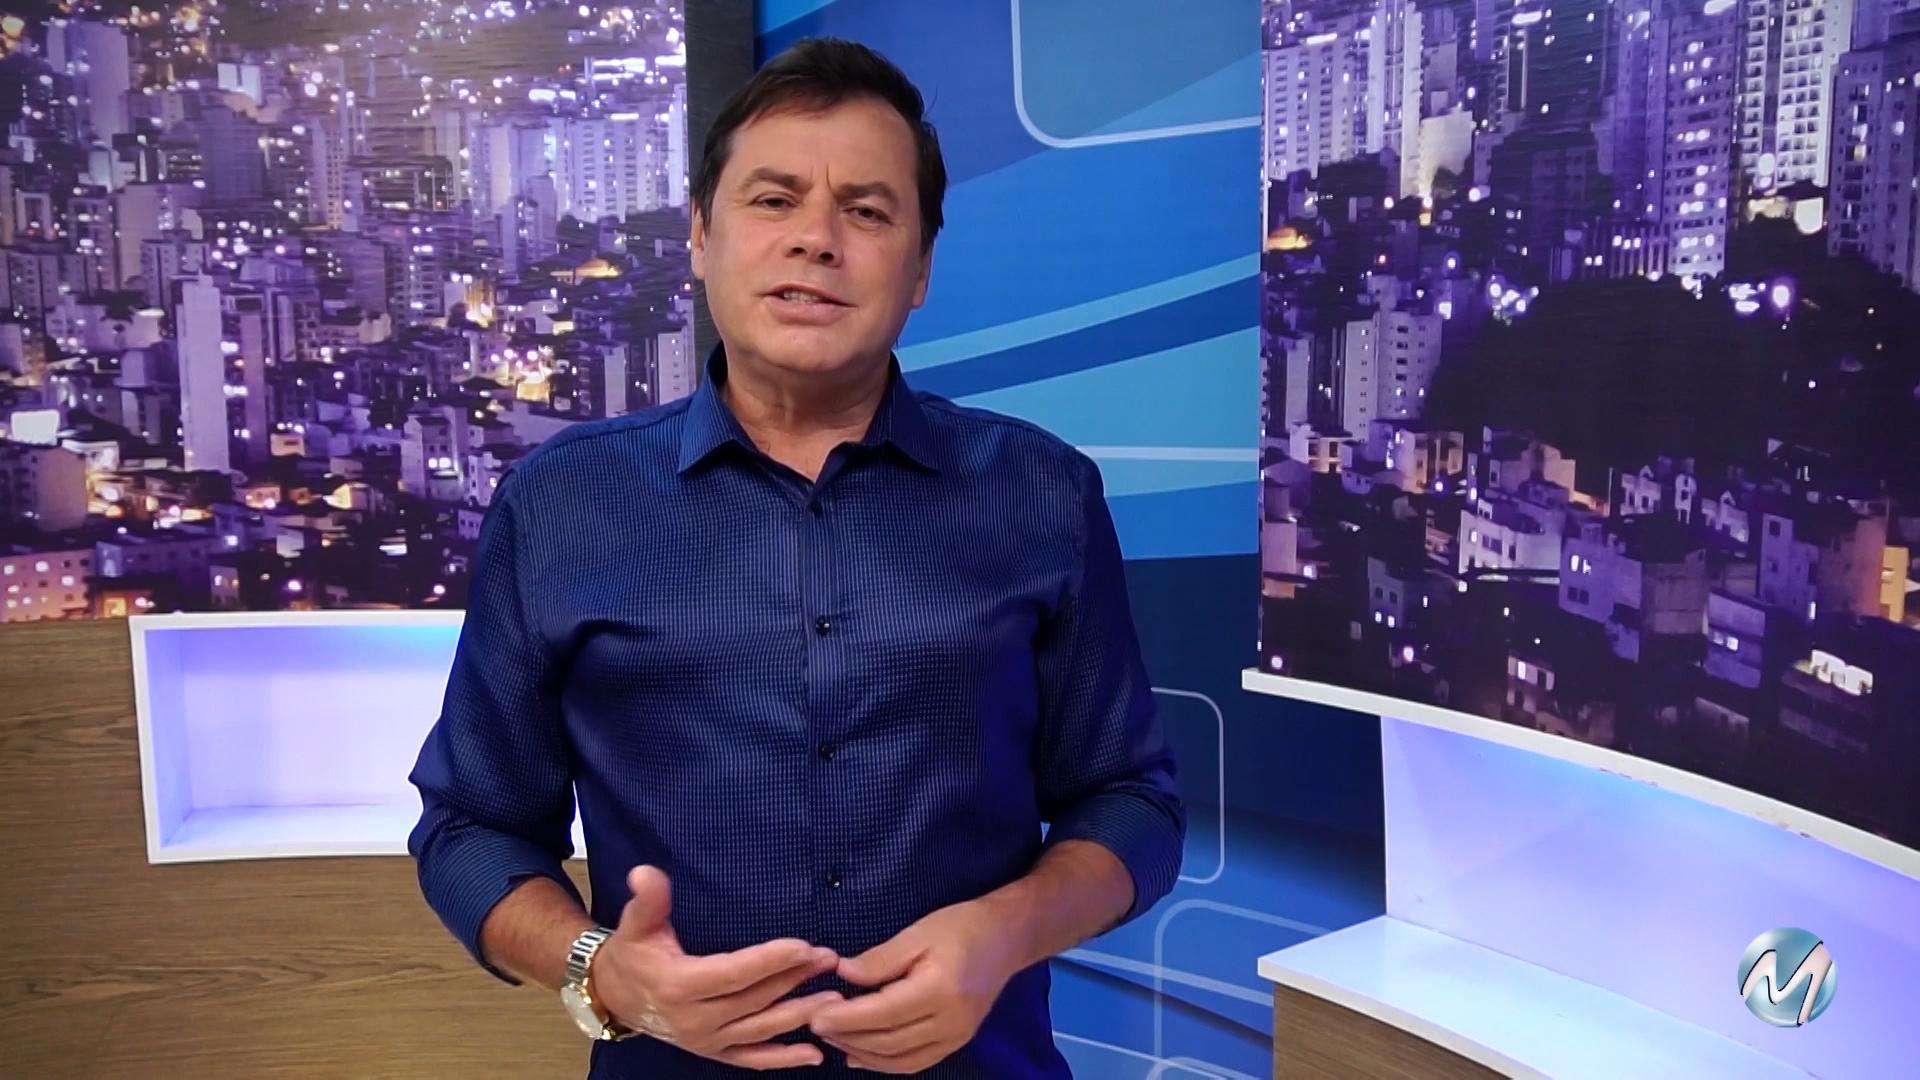 Fatos em Foco – 17/04/2021 – José Luiz Magrão traz as novidades do circuito social